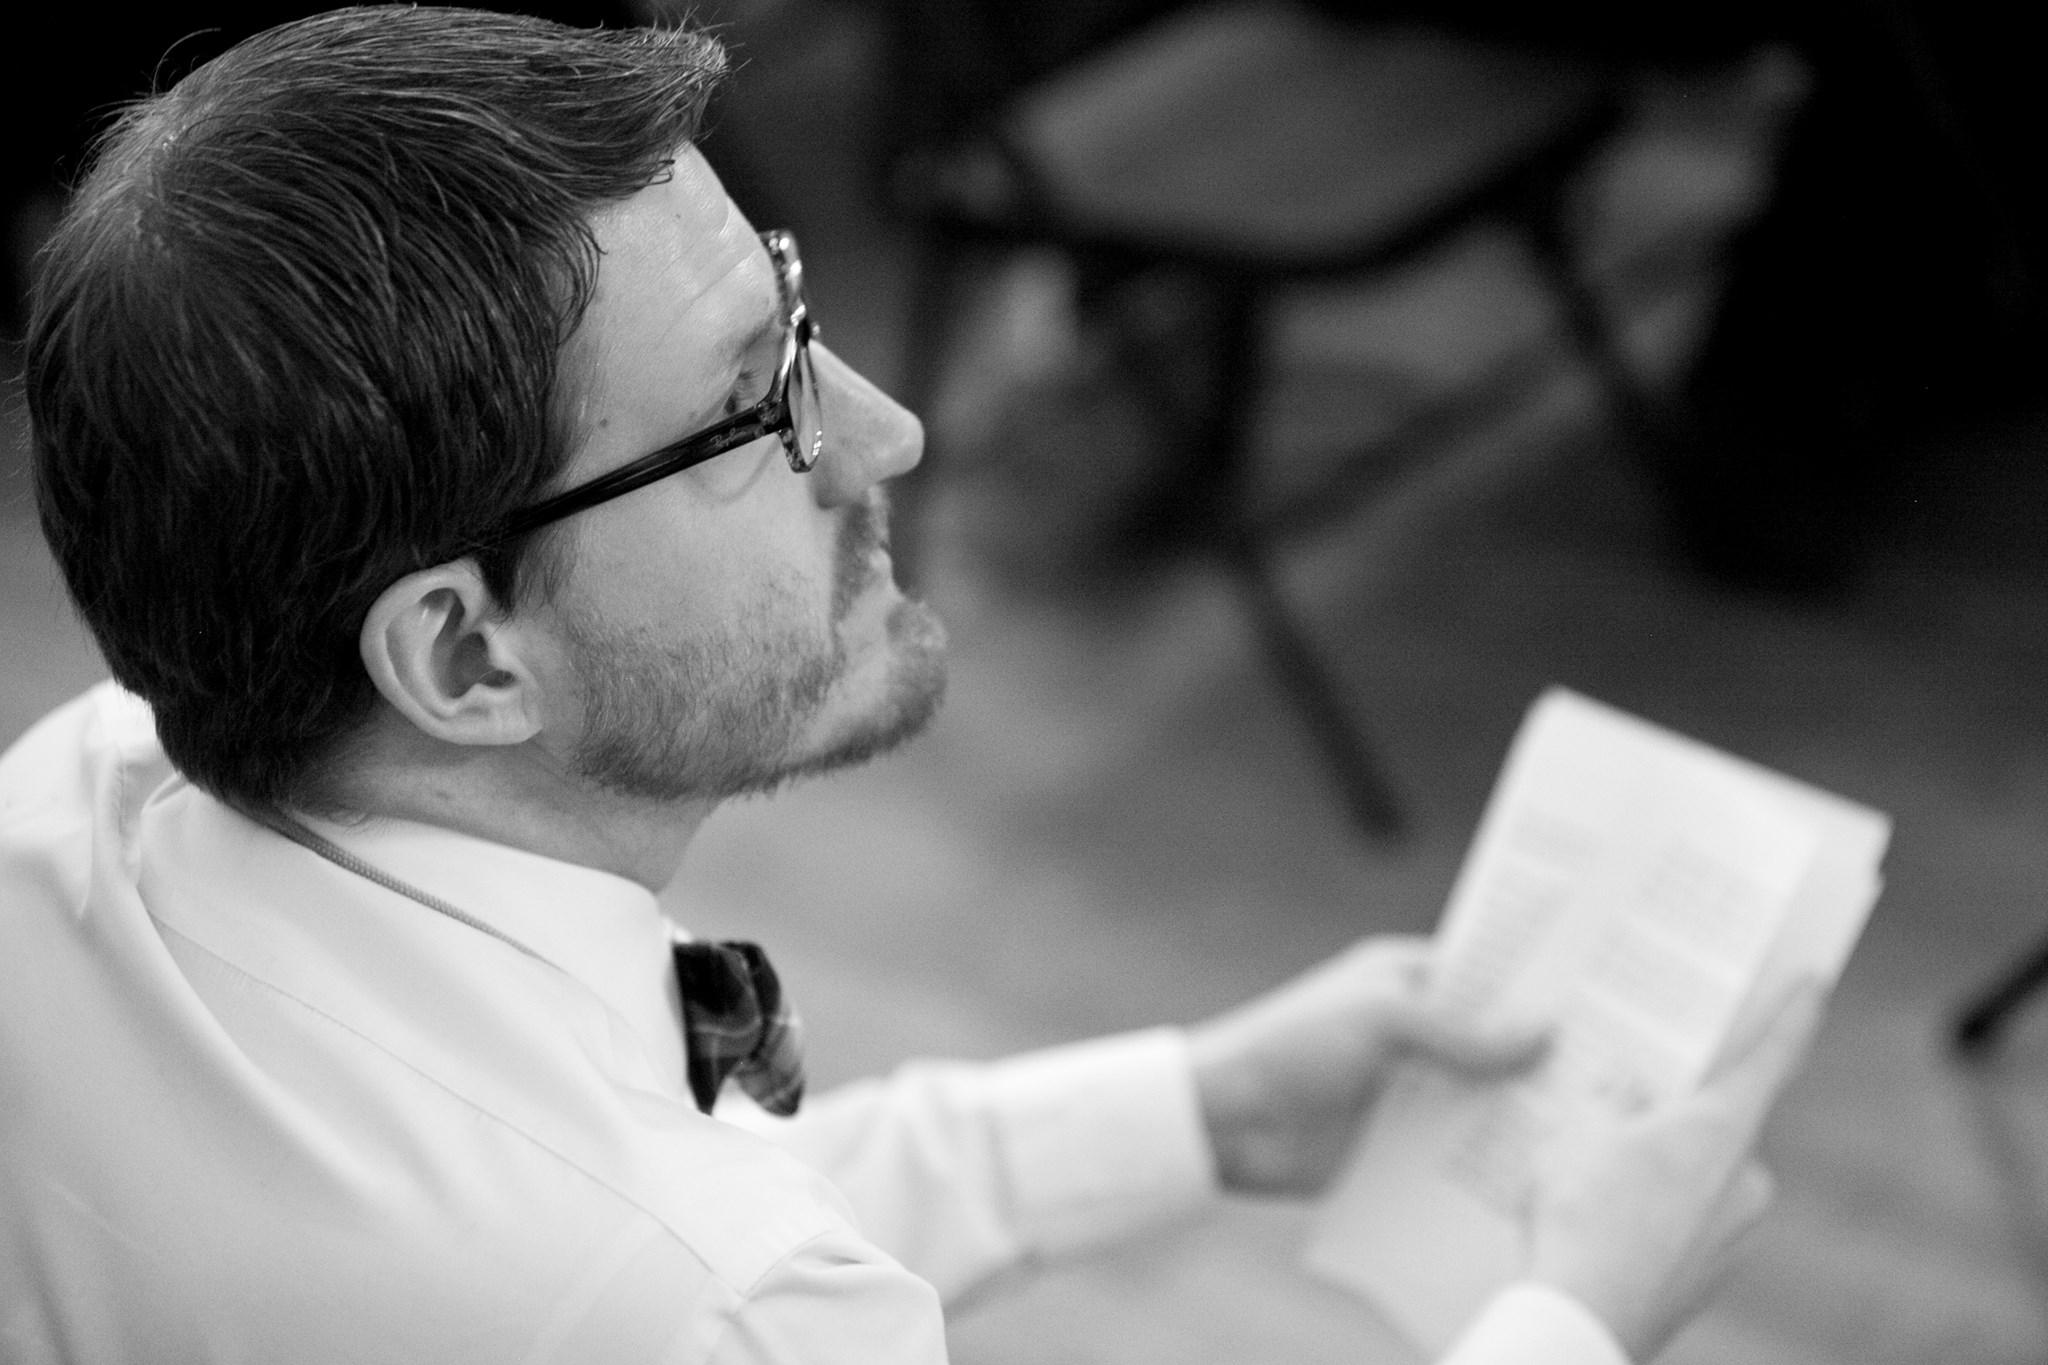 Aaron engler, Lead Pastor